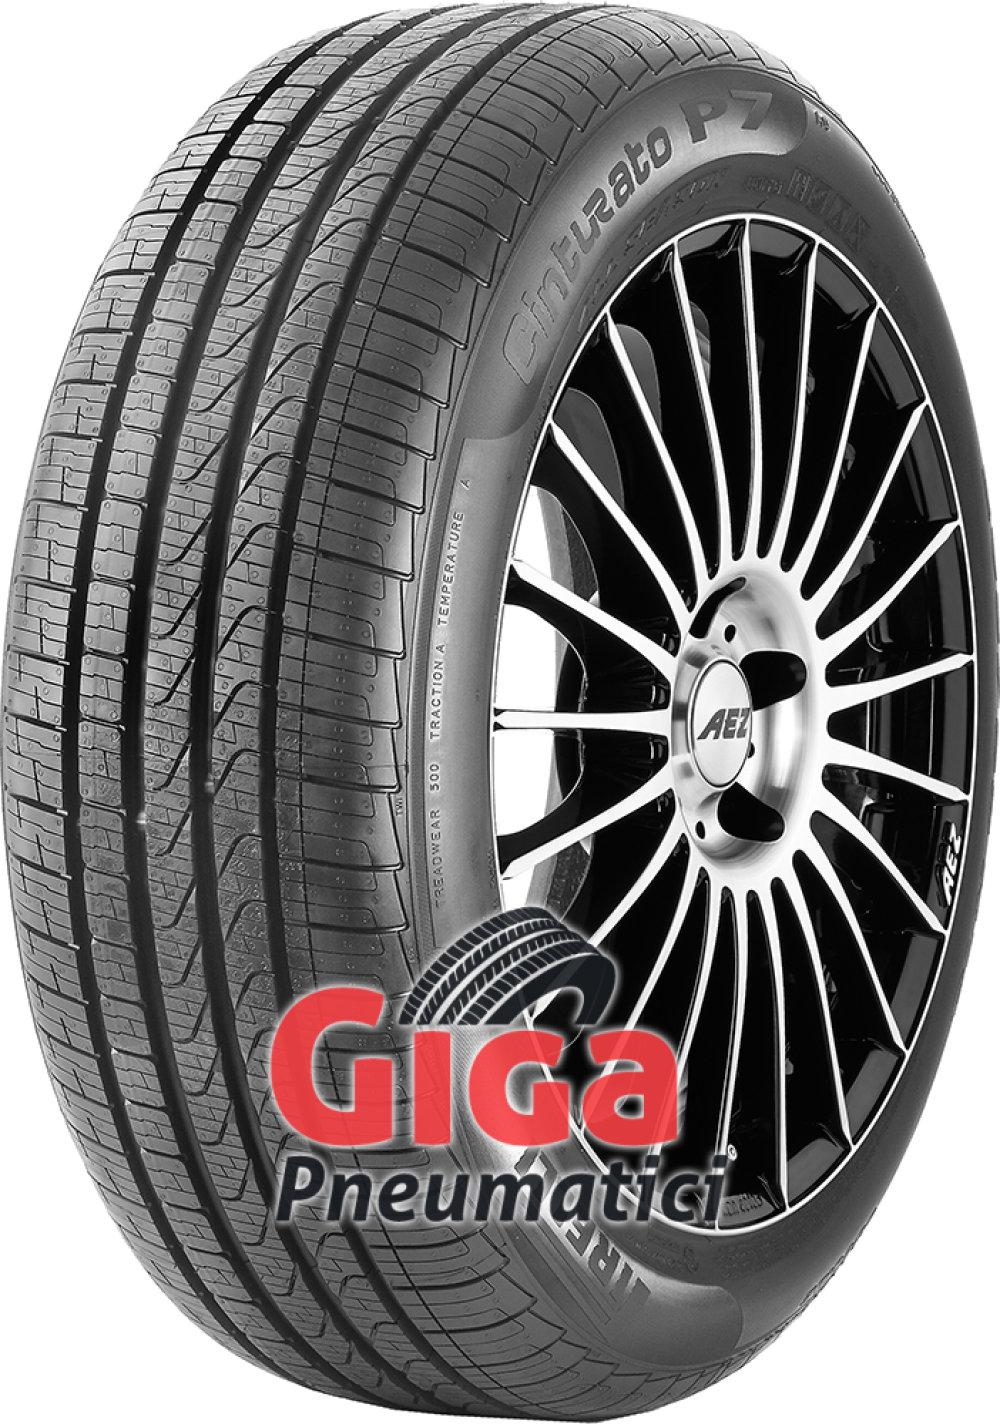 Pirelli Cinturato P7 A/S runflat ( 225/50 R18 99V XL *, ECOIMPACT, con protezione del cerchio (MFS), runflat )